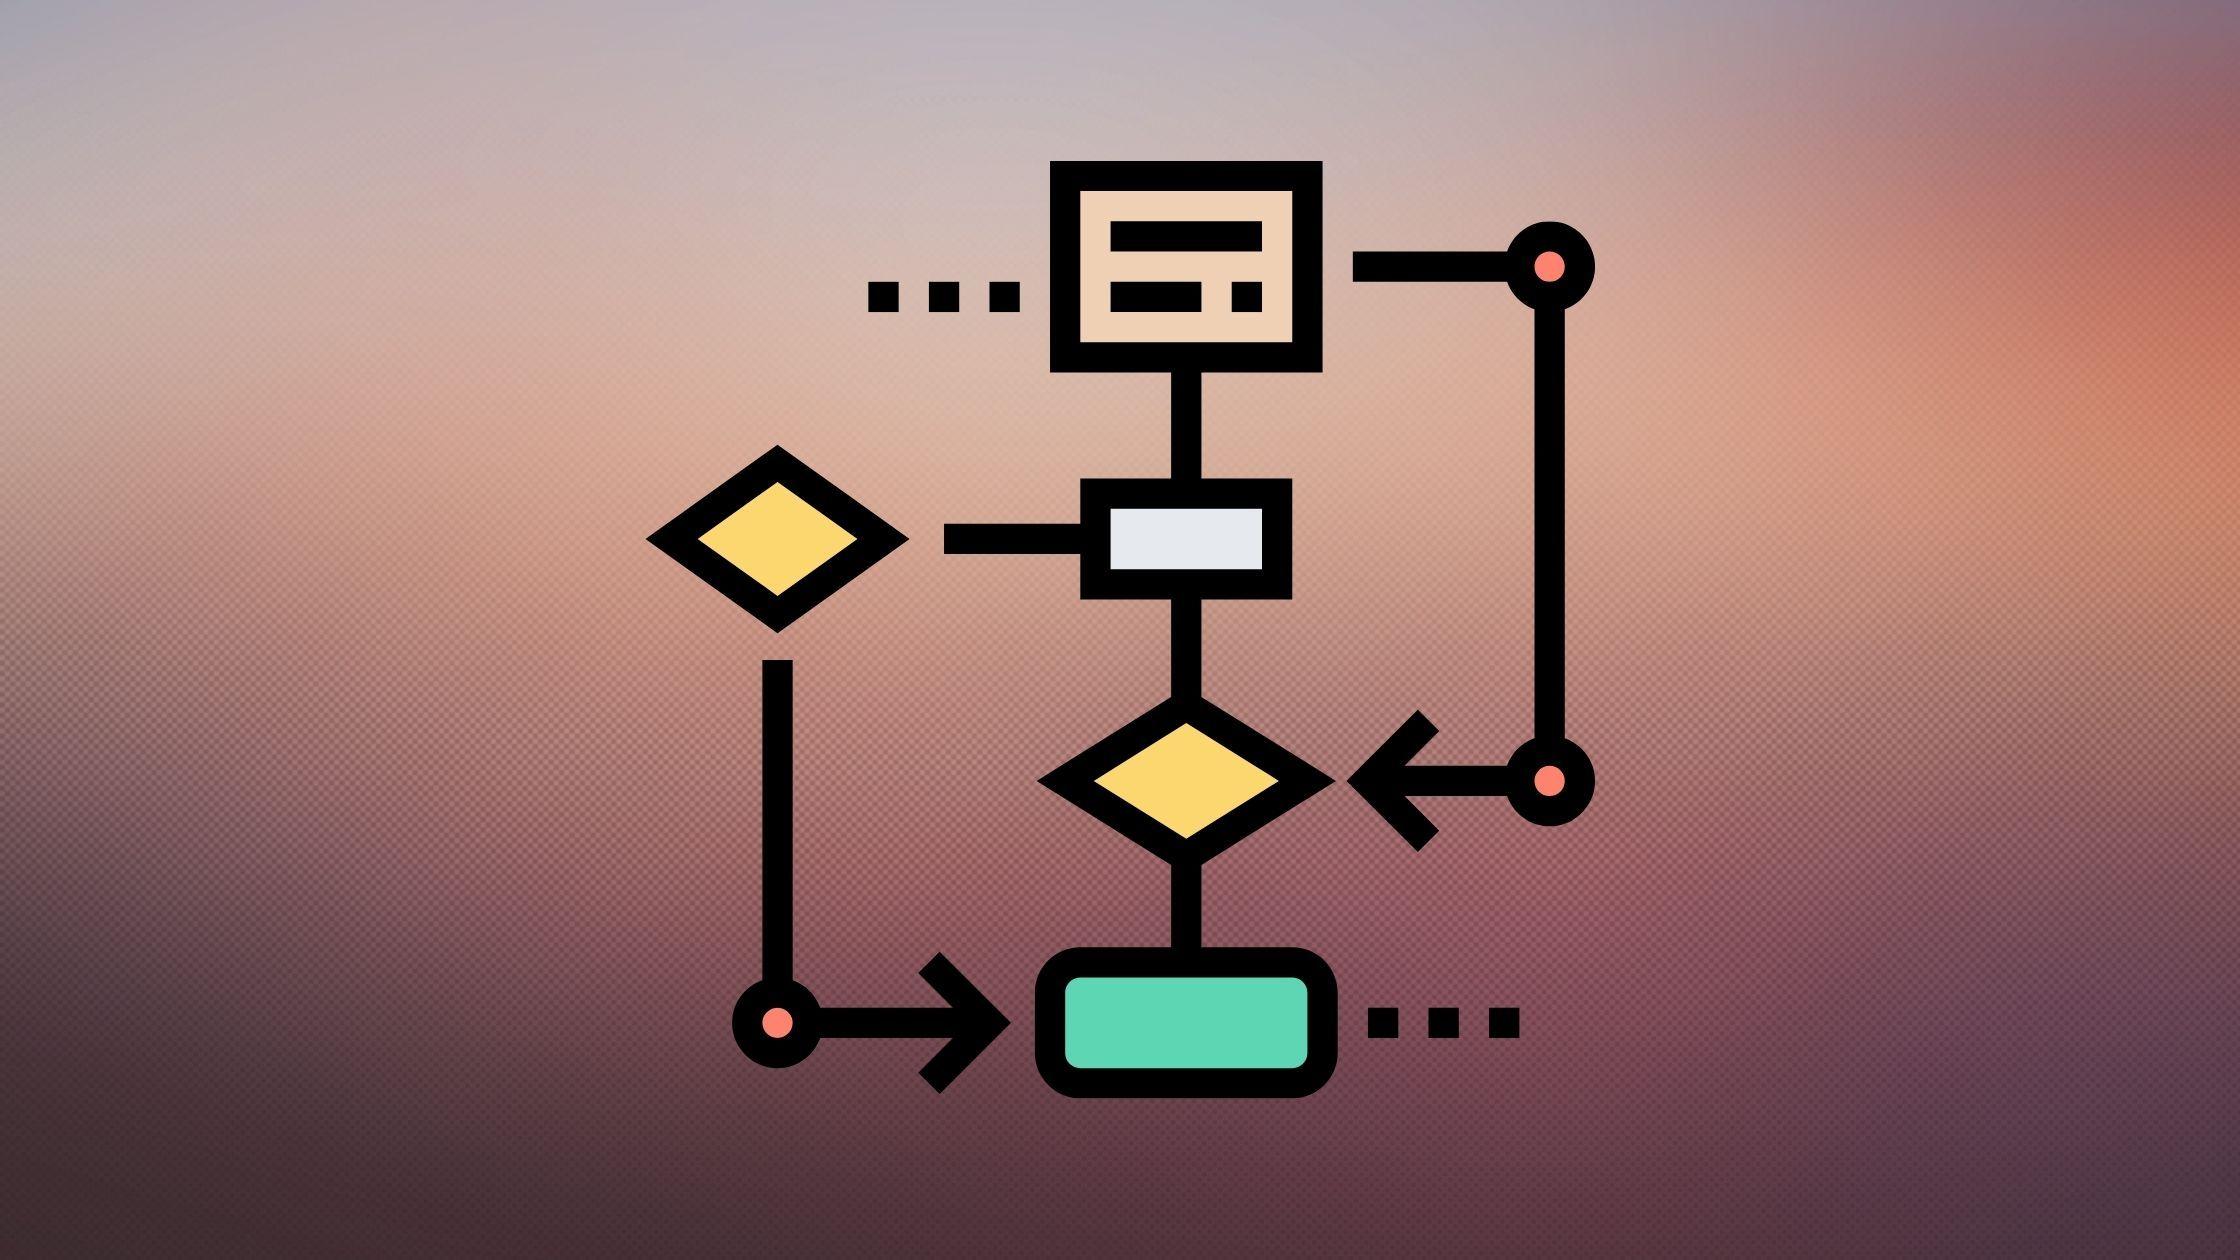 Aplikasi Dan Cara Membuat Flowchart Di Hp Dengan Mudah Diagram Aplikasi Diagram Alir